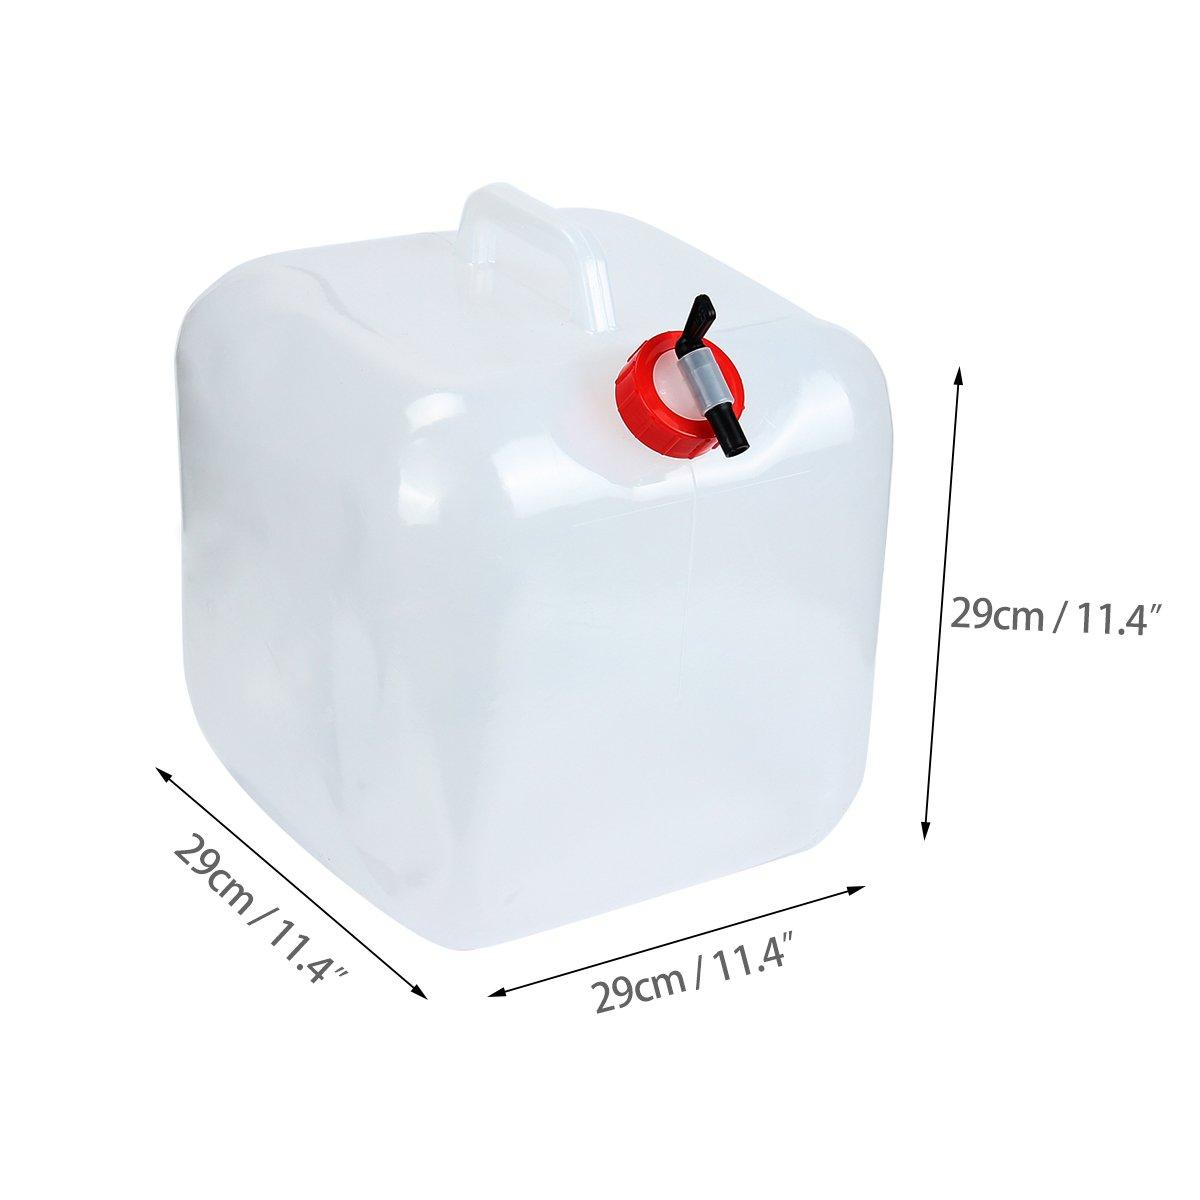 Donnagelia 20L Bidon deau R/éservoir deau Portable Pliable PVC Grande Capacit/é pour Camping Randonn/ée Pique-Nique Ext/érieurs Survie dUrgences